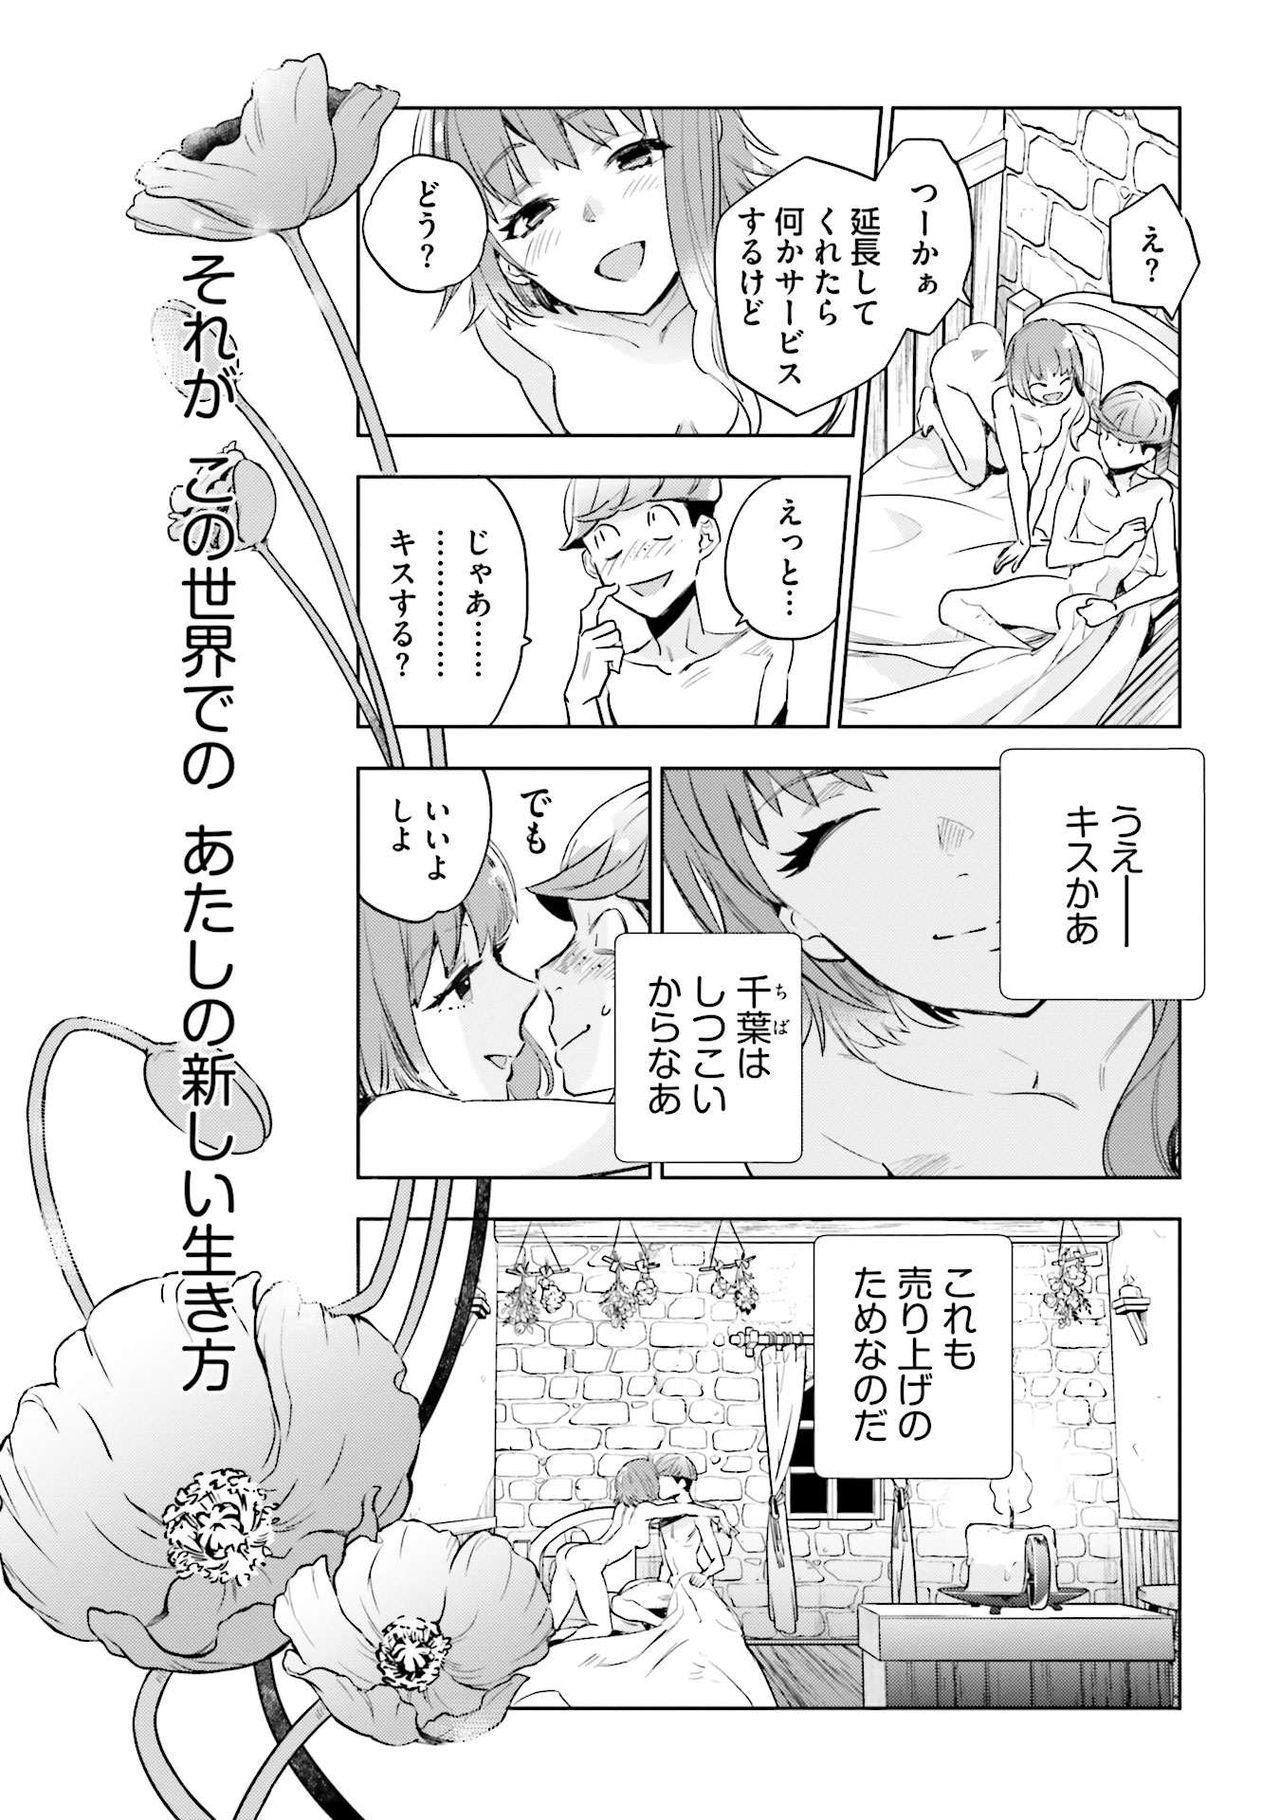 JK Haru wa Isekai de Shoufu ni Natta 1-14 42